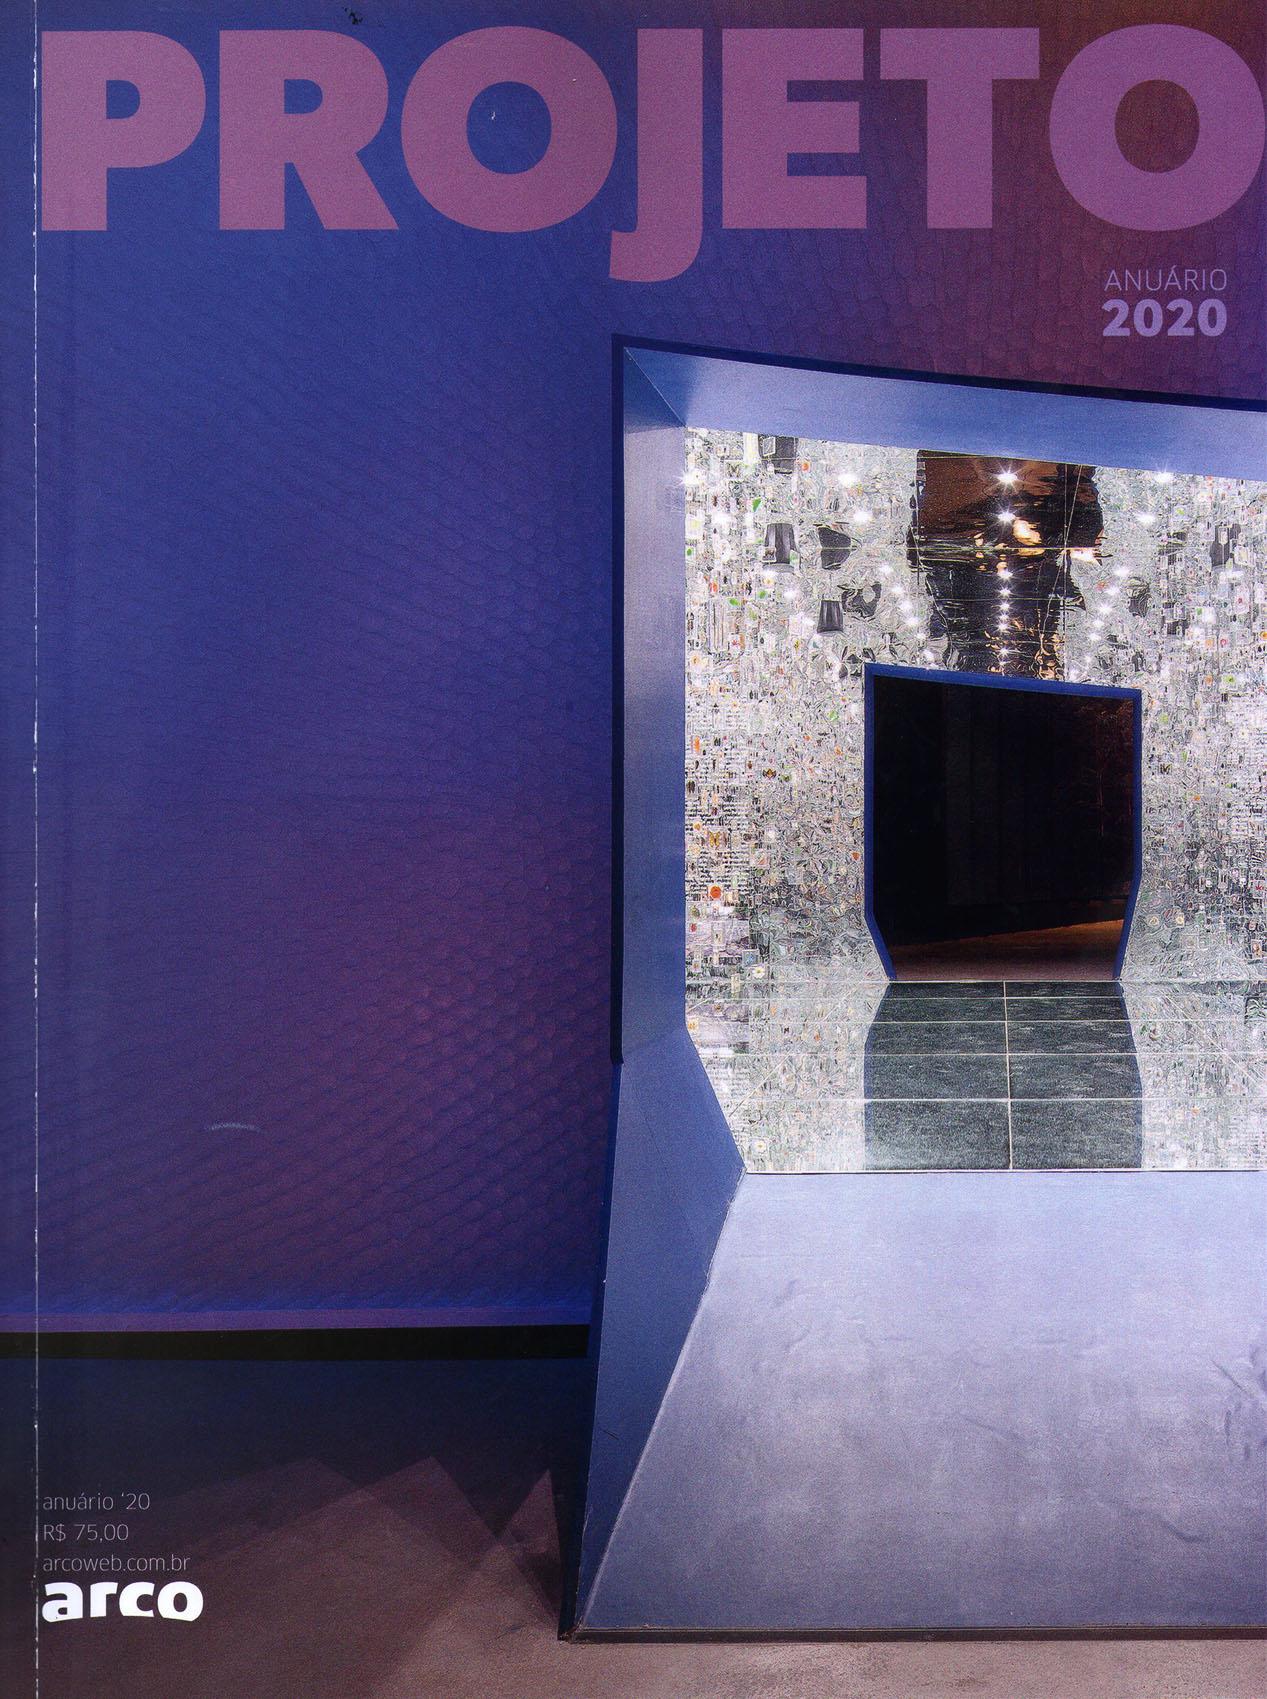 Projeto Magazine Annual edition 2020